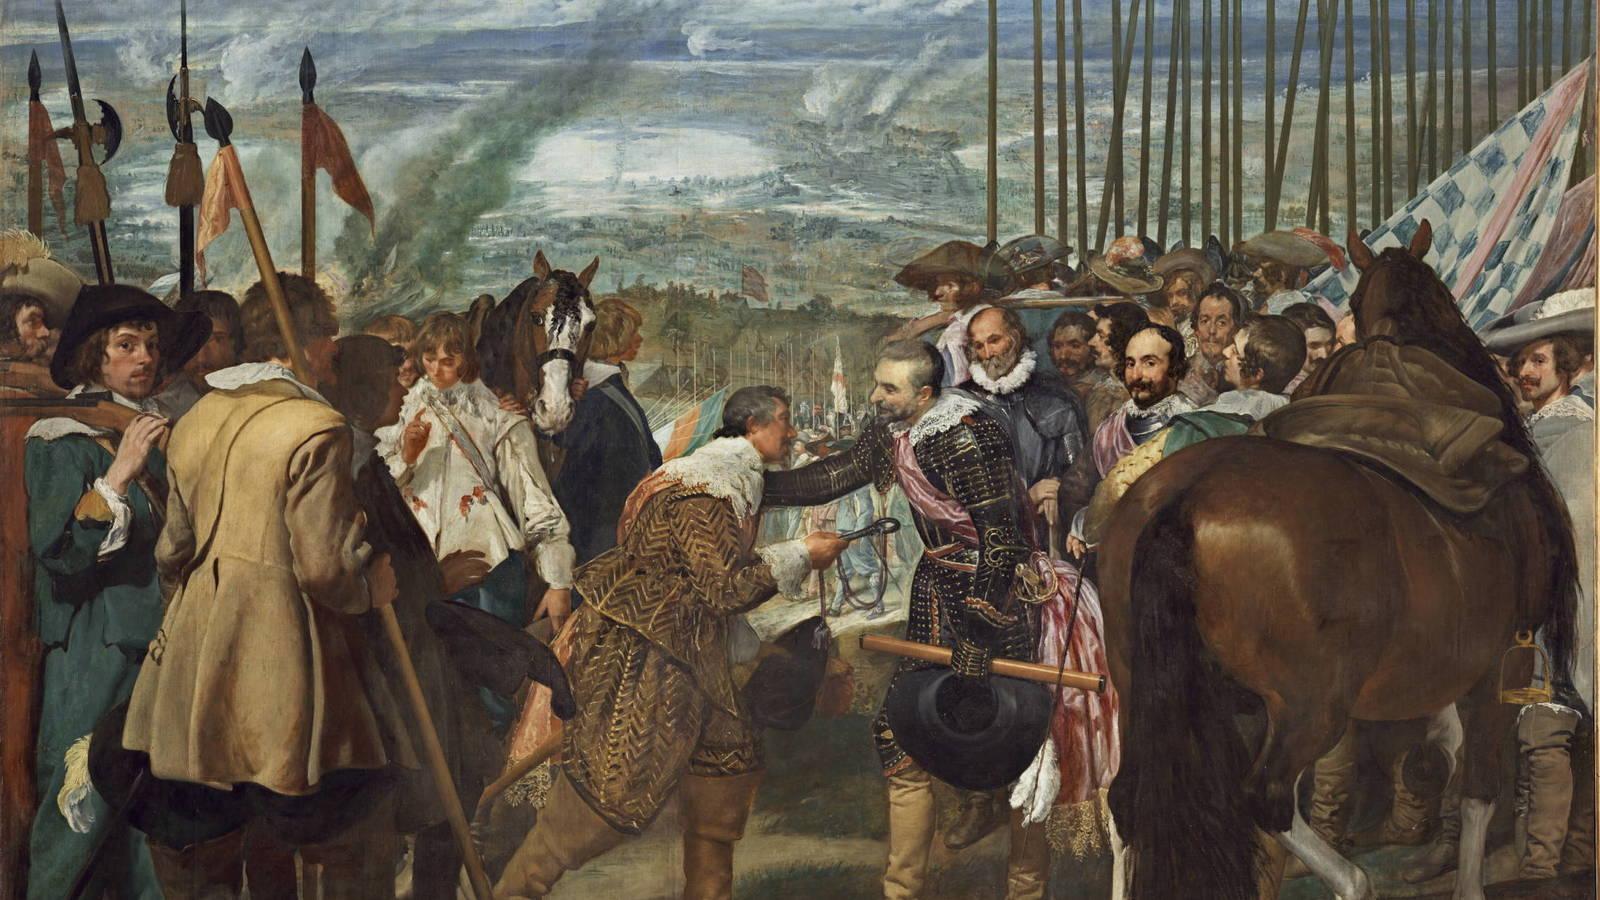 La rendicion de breda de Velazquez